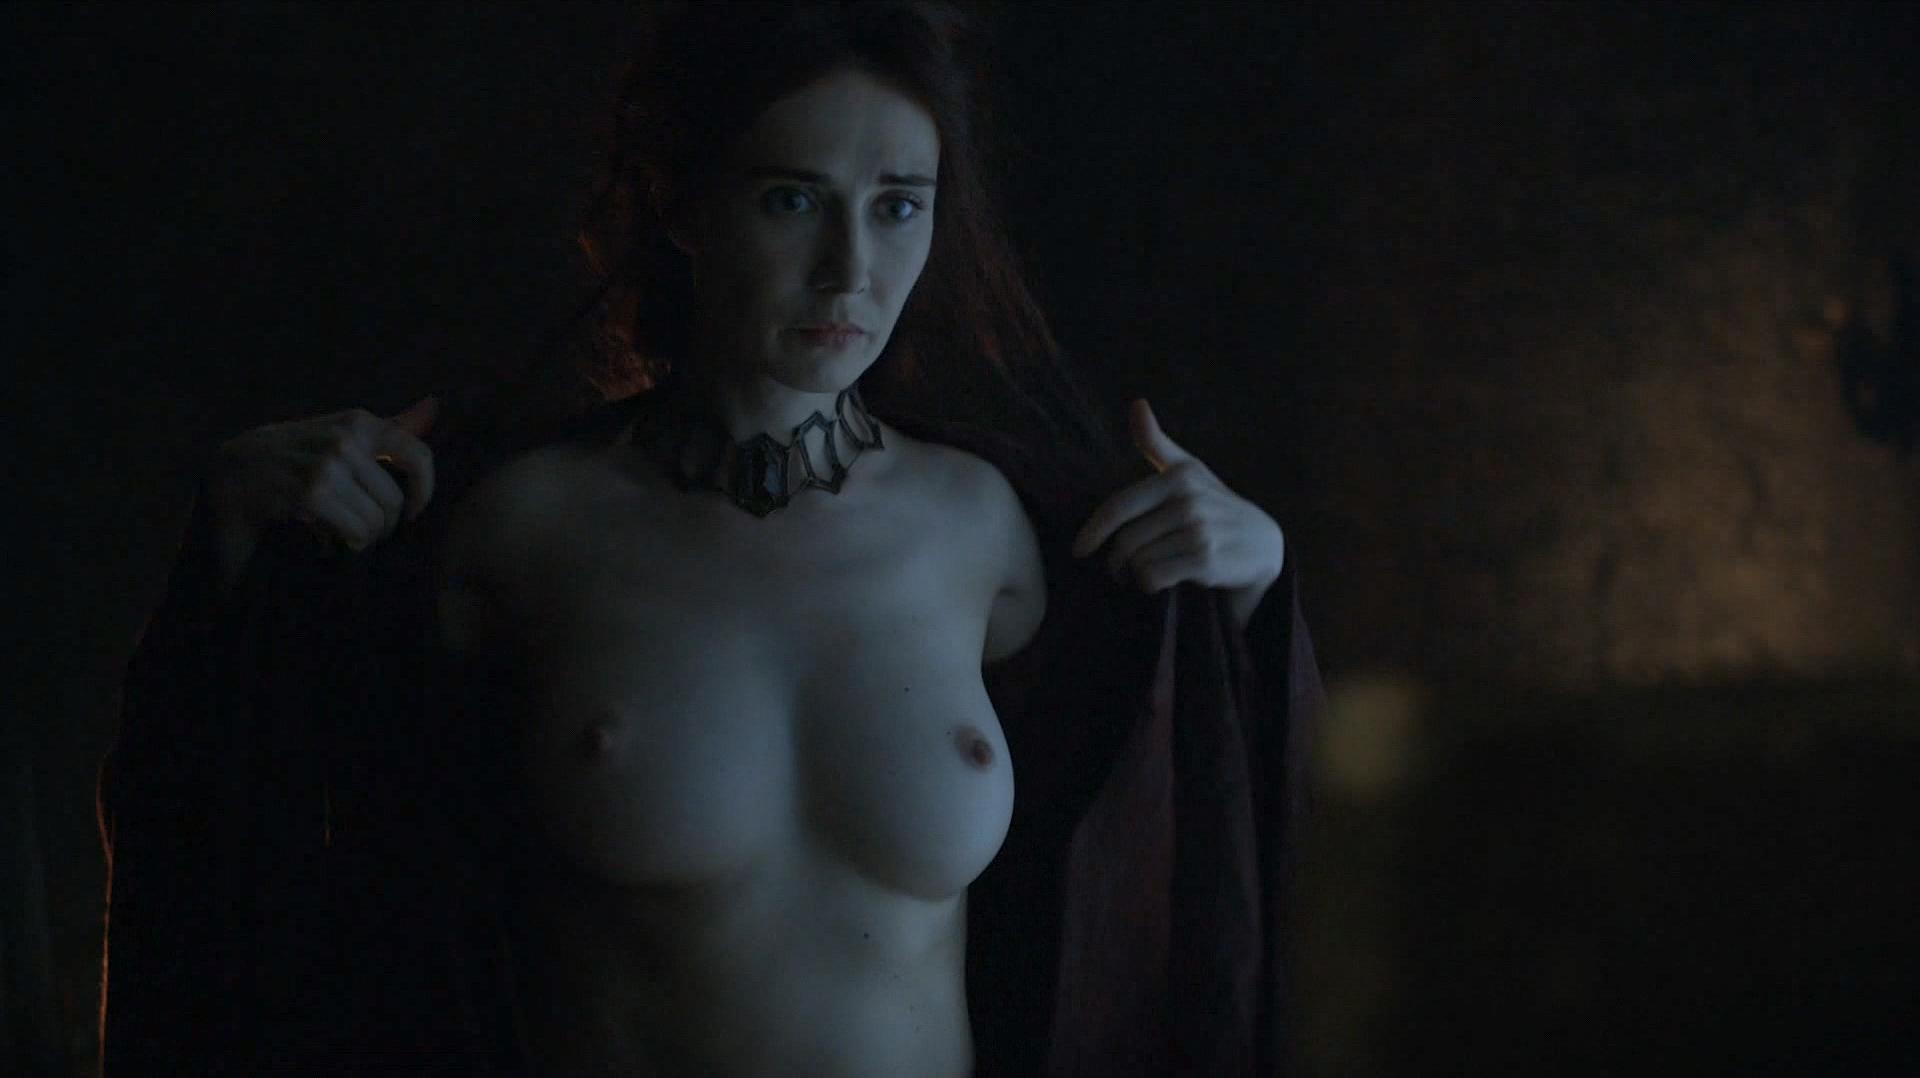 Carice van houten movies amp tv series nude scenes 2